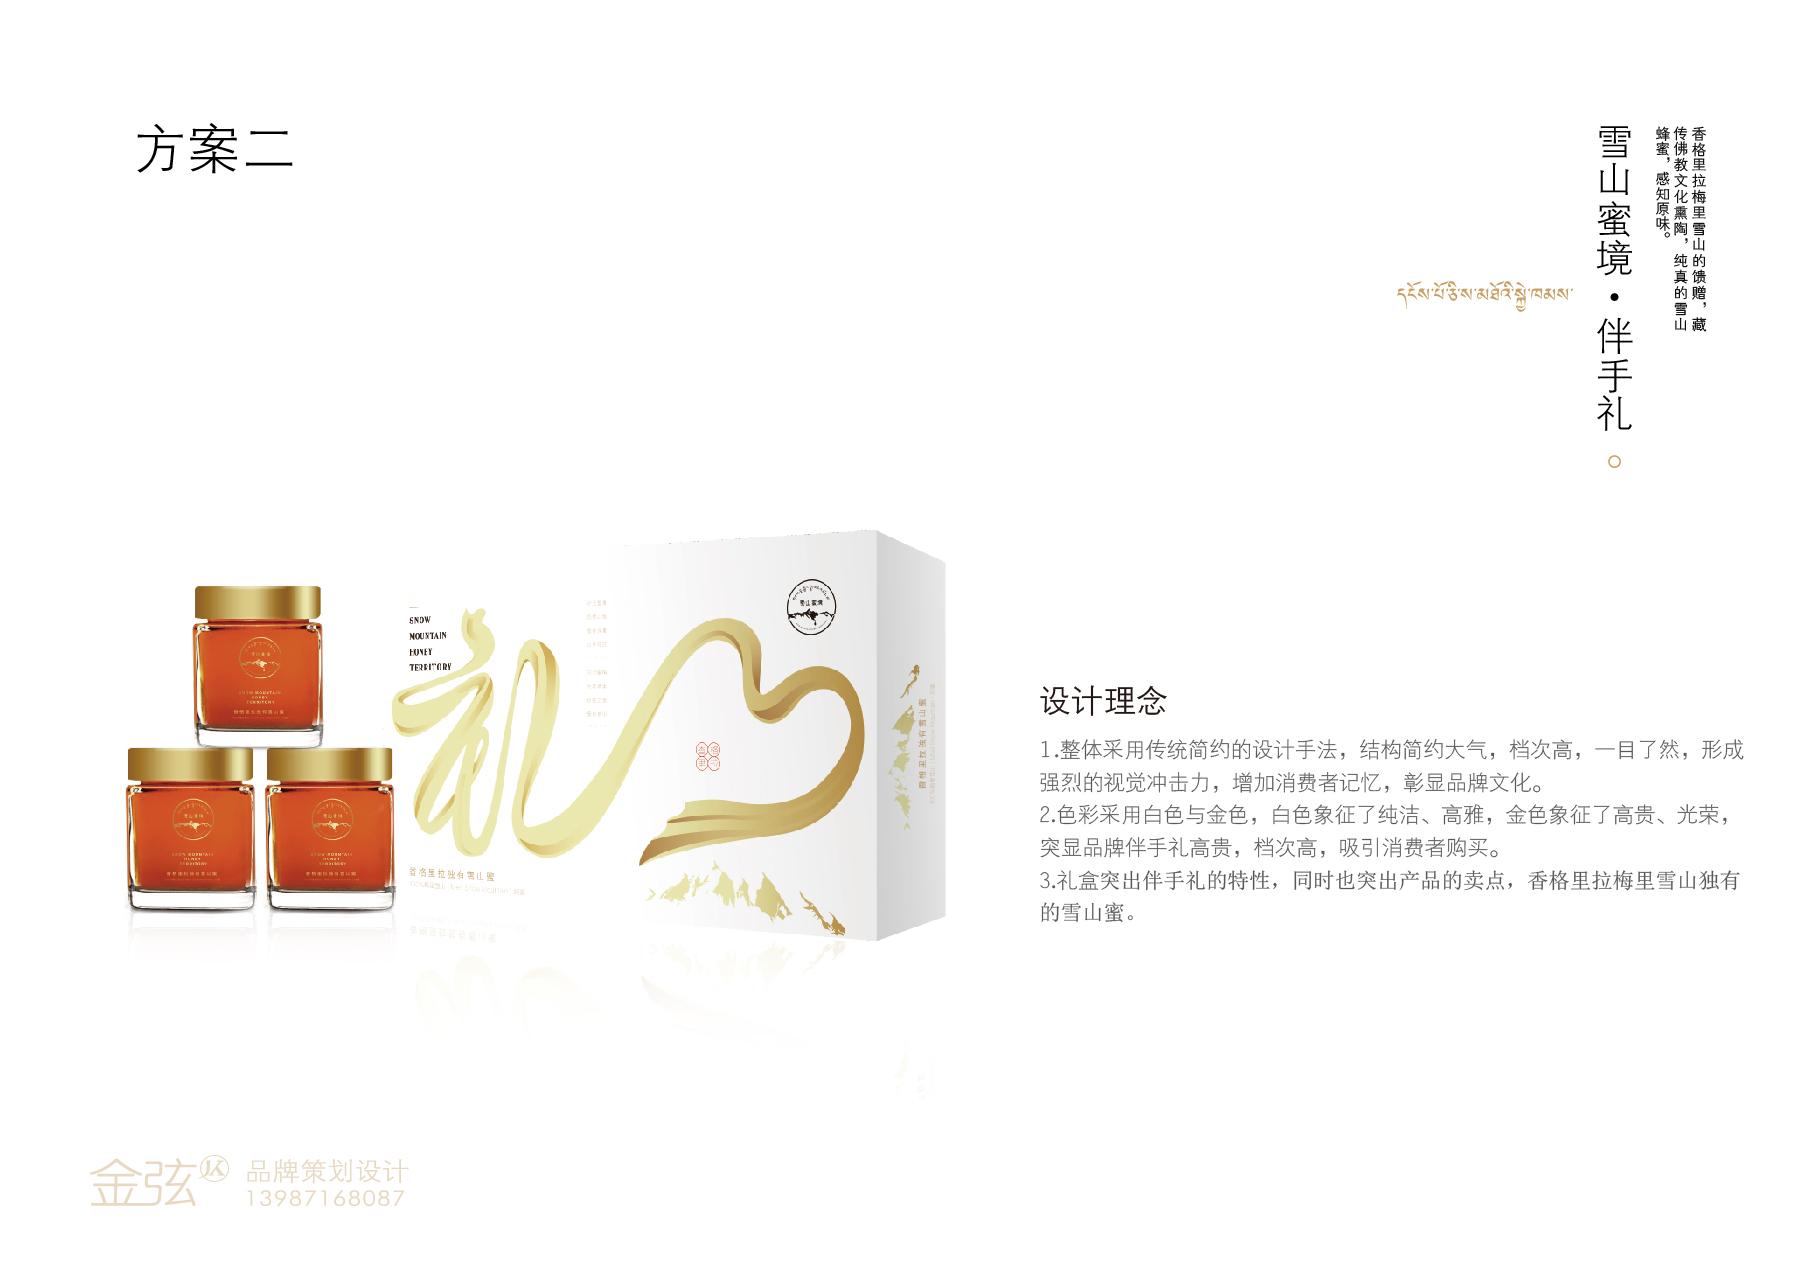 品吉 雪山蜜境伴手礼包装展示 包装设计 客户资料  第4张